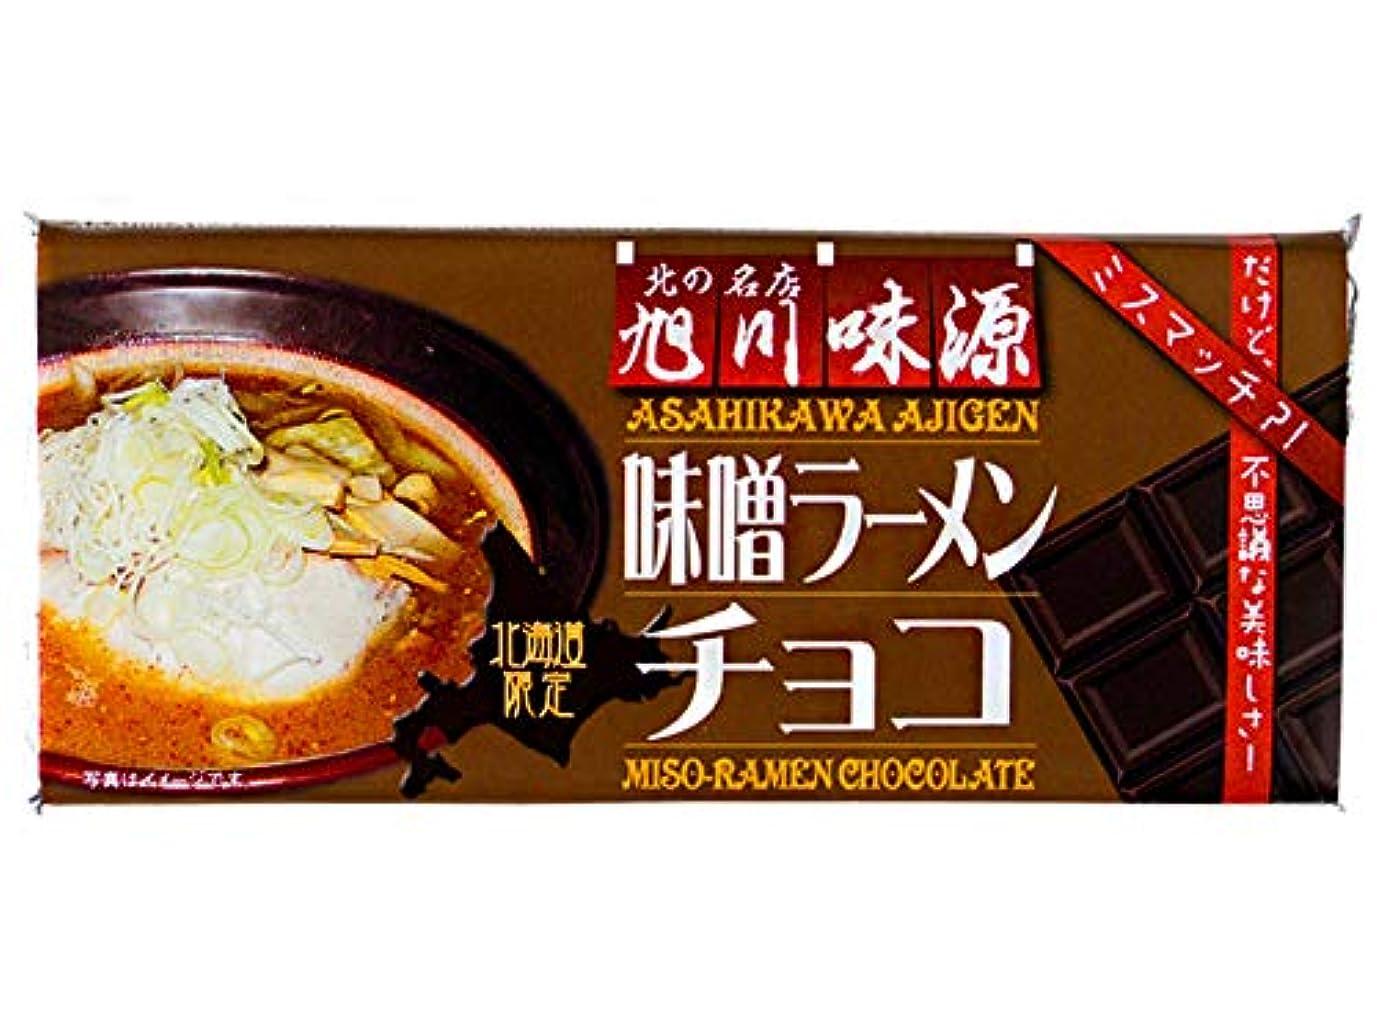 まだら有名突っ込む味噌ラーメンチョコ45g×50枚(北の名店 旭川味源)北海道限定チョコレート(ミソらーめんチョコレート)(ミスマッチ 不思議な美味しさ)